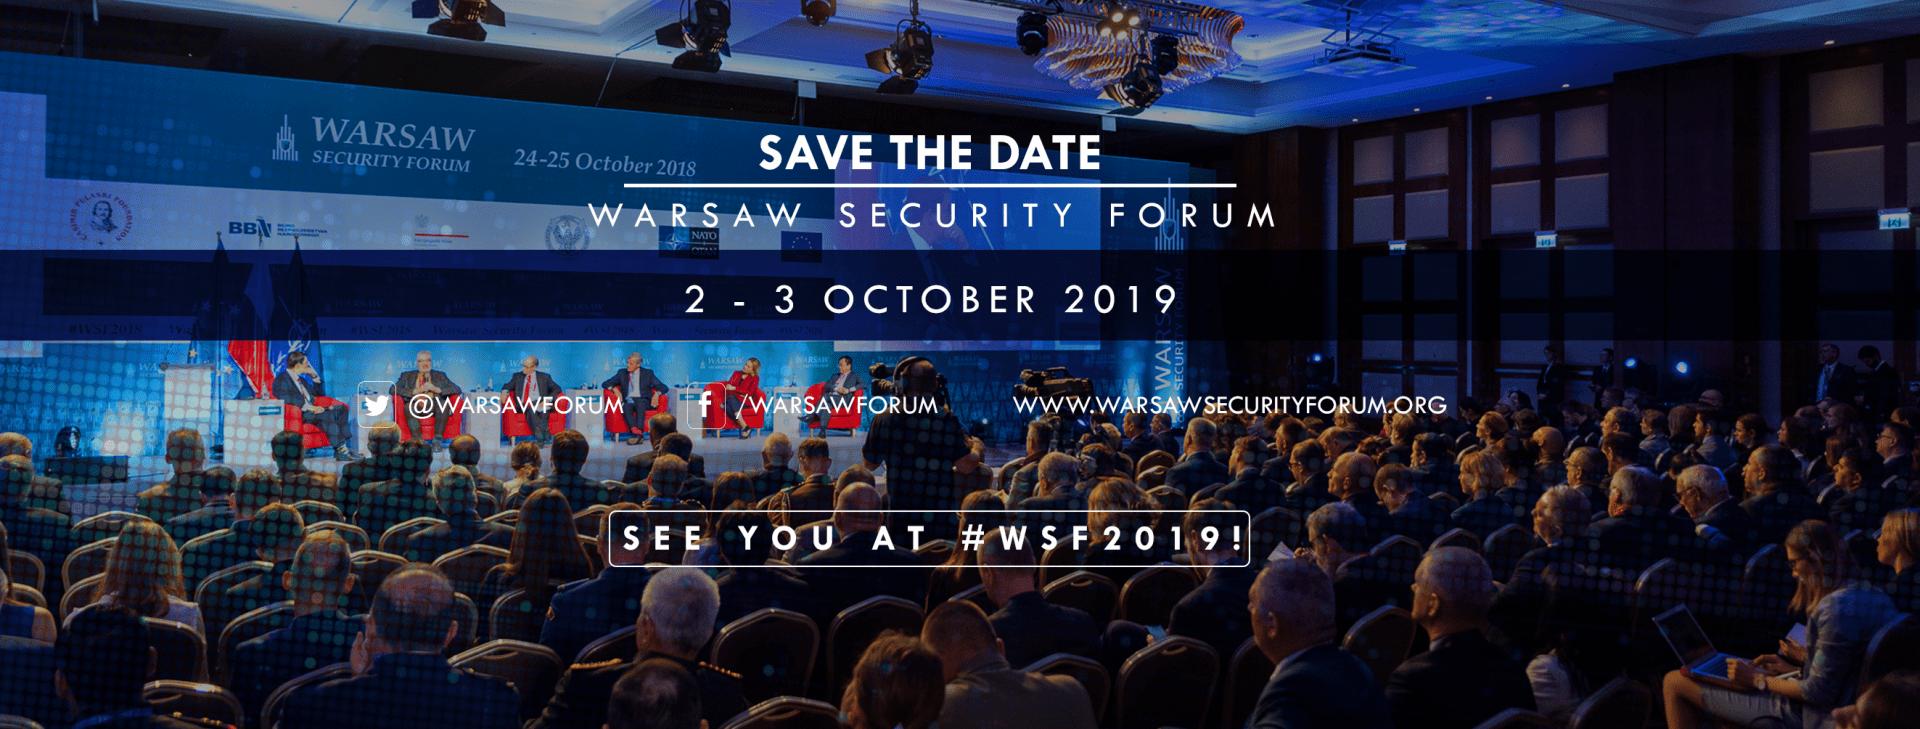 SAVE THE DATE: Warsaw Security Forum wdniach 2 – 3 października 2019 r.